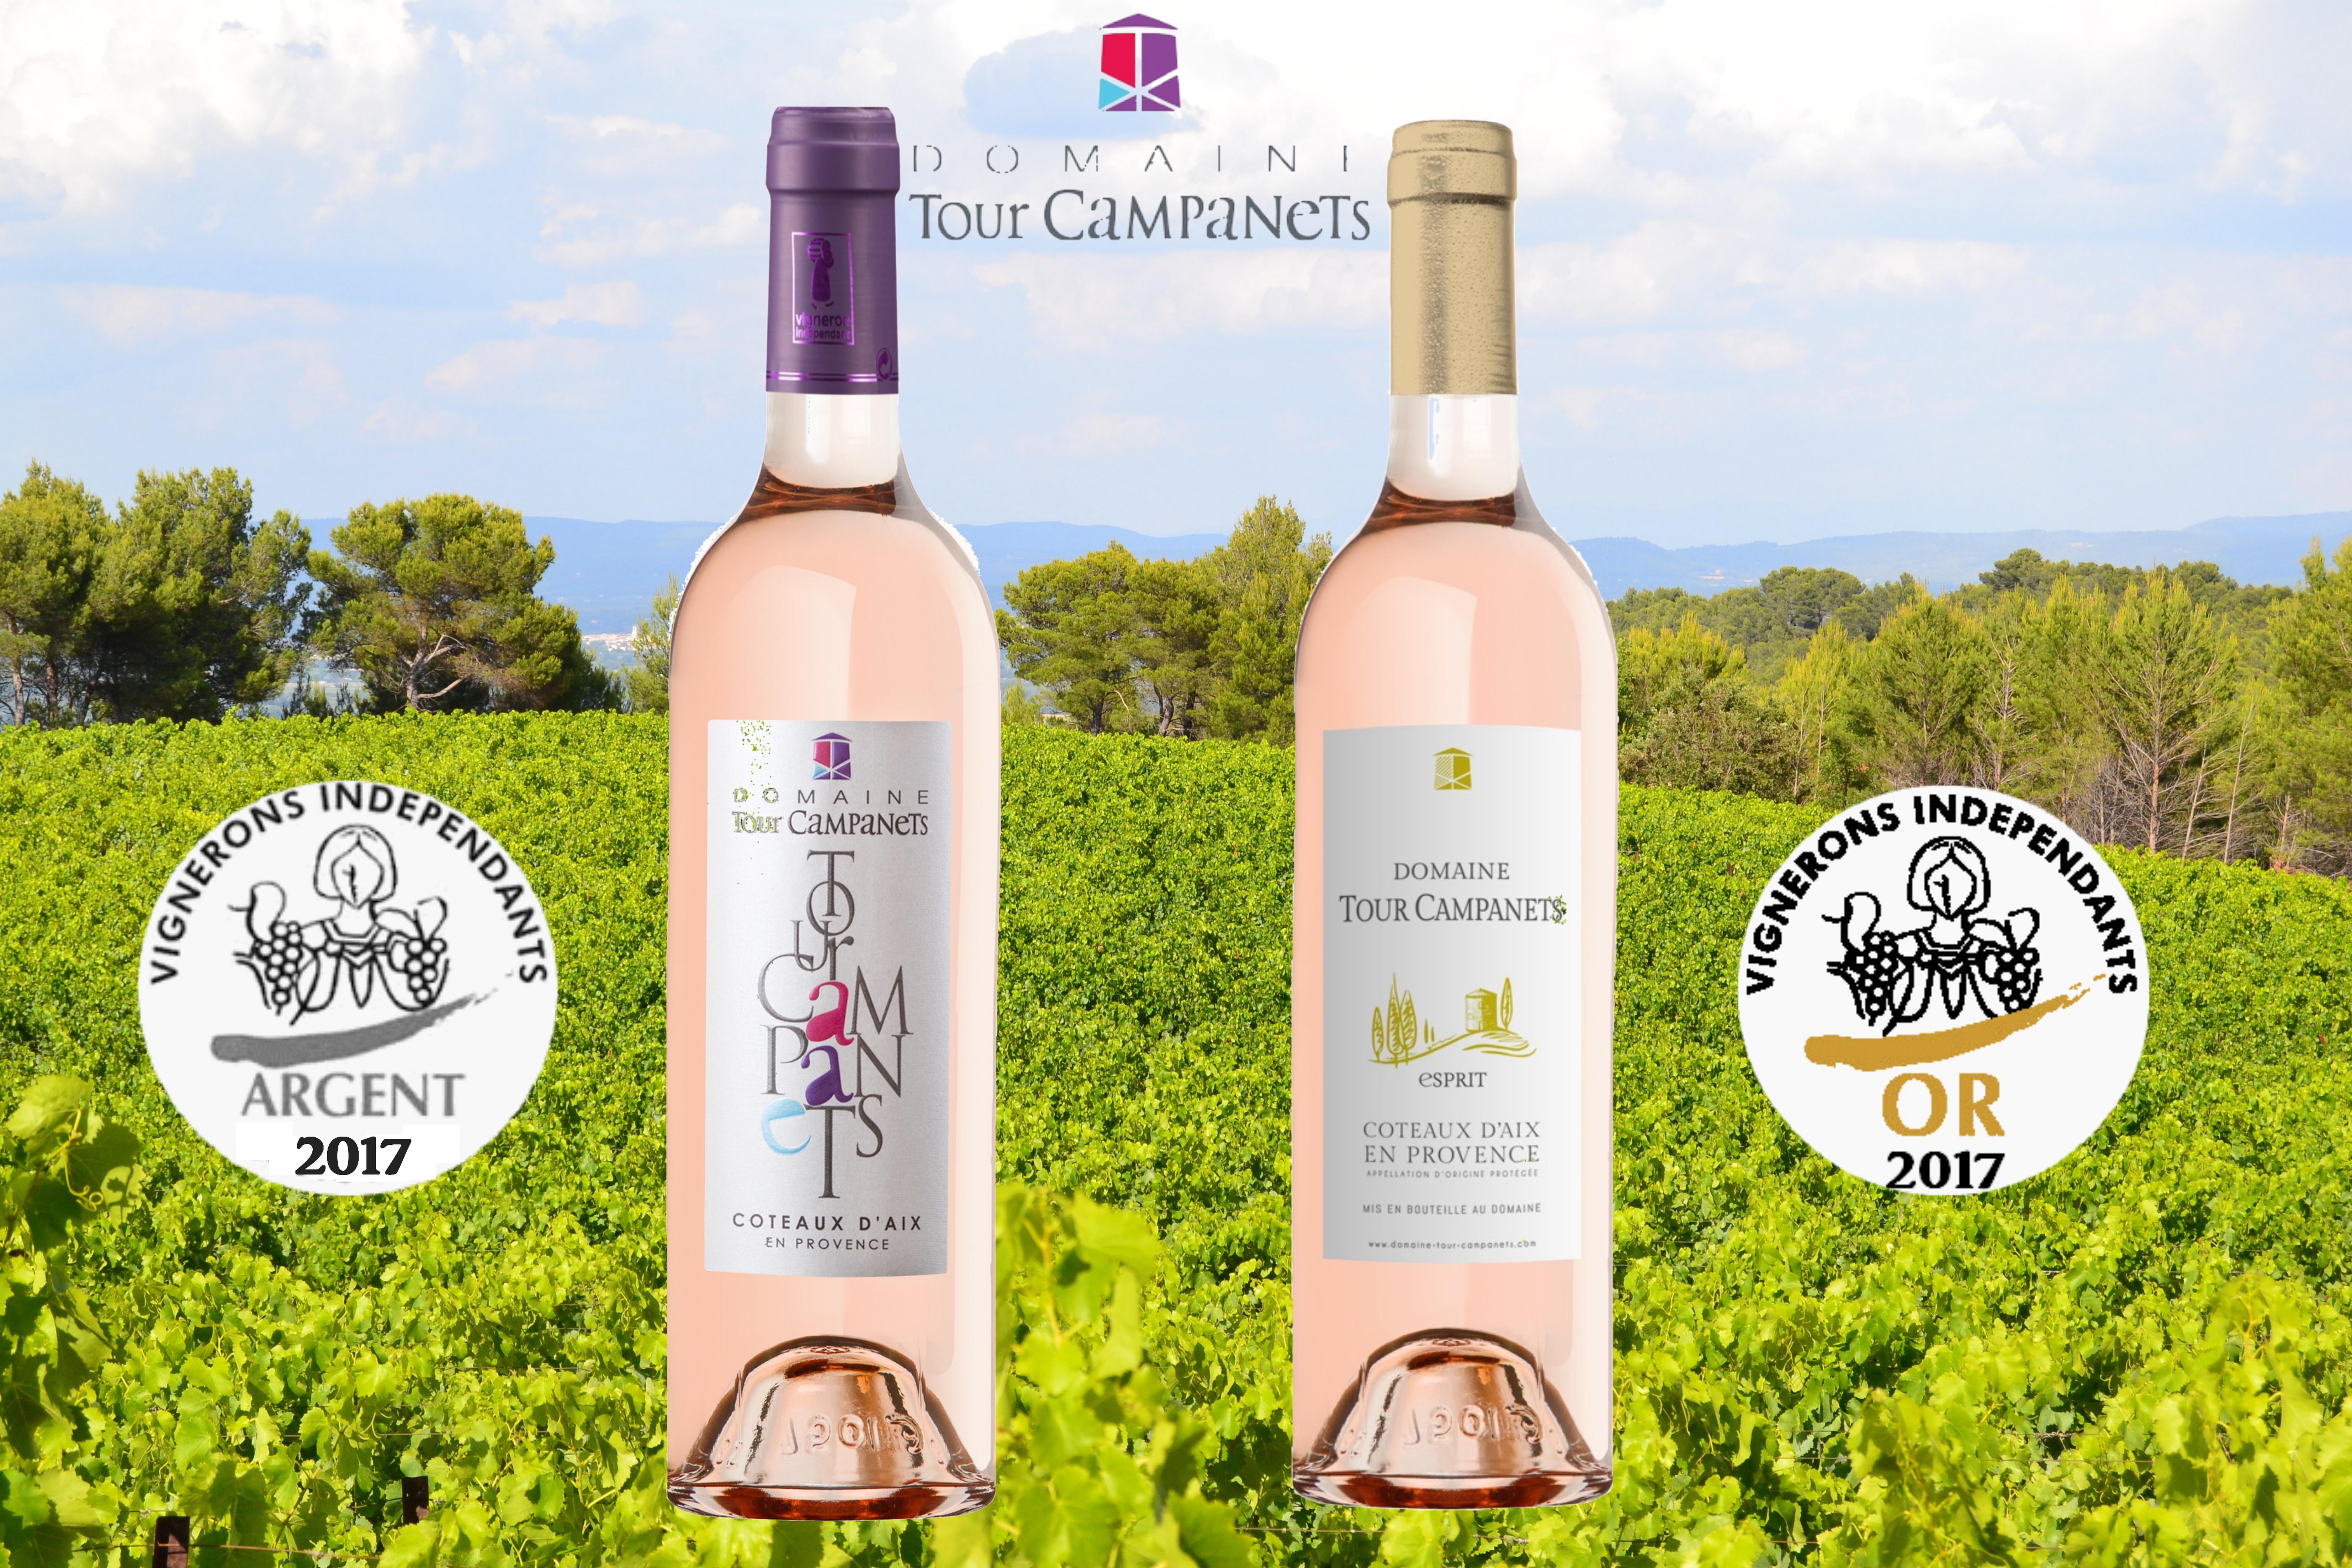 Concours des Vins de provence 2017 - médaille d'argent pour notre cuvée Tour Campanets Rosé 2016 et médaille d'Or pour notre cuvée Esprit Campanets Rosé 2016 - Vins de Provence - Vignerons indépdendants BIO